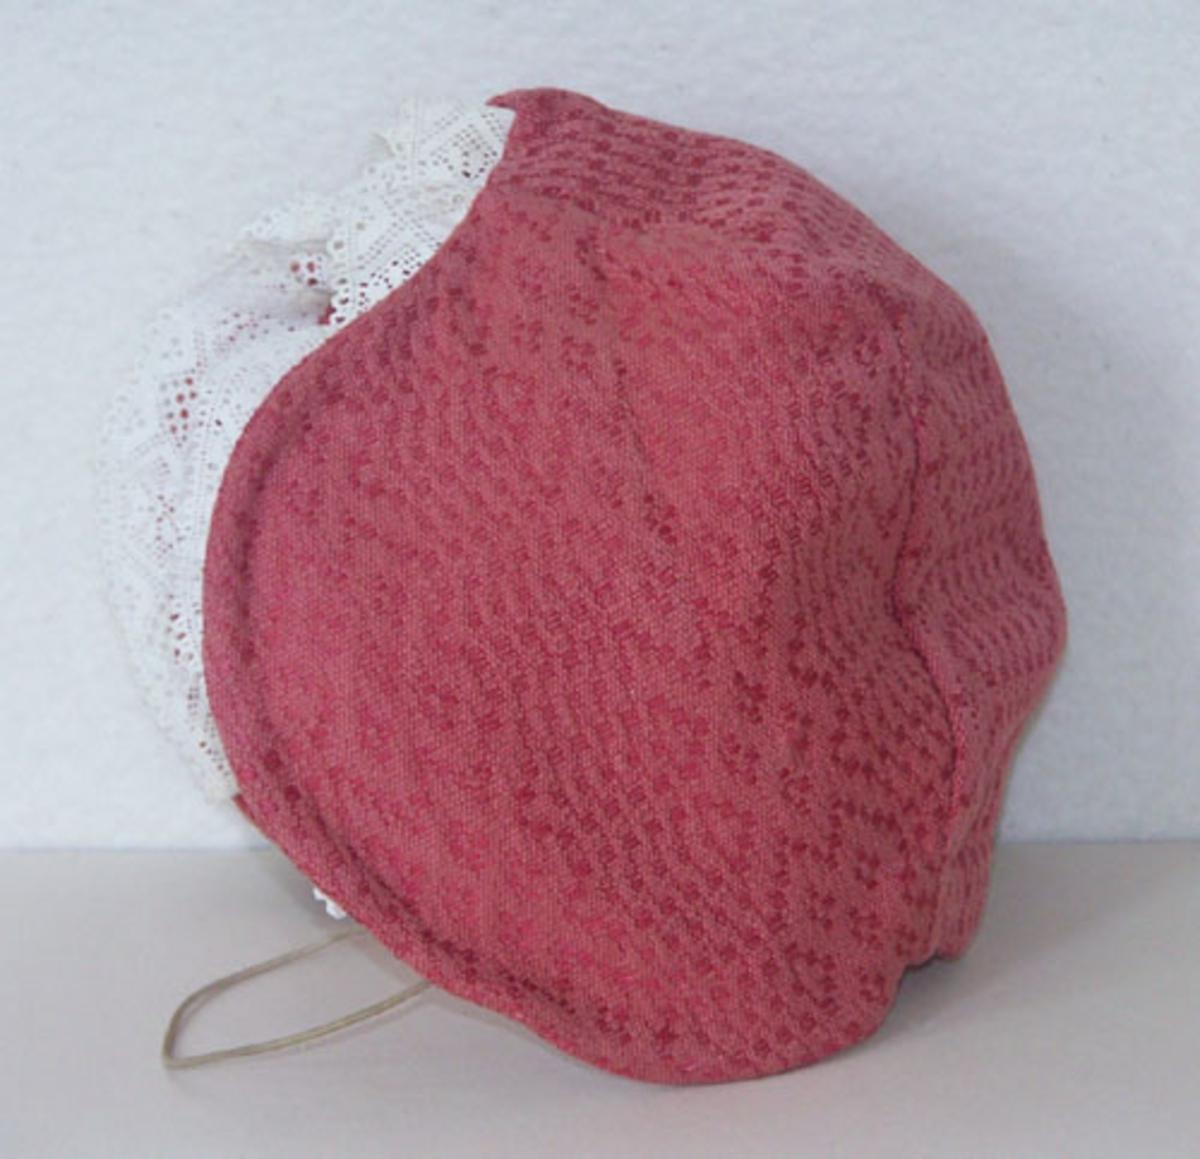 Mjuk mössa till Sunnerbodräkten sydd i rosa daldrällstyg, samma tyg har använts till Sunnerbodräktens livstycken.Mössan kantas fram av en vit spets.På insidan finns en snodd fastsydd och en etikett från Kronobergs hemslöjd Växjö.